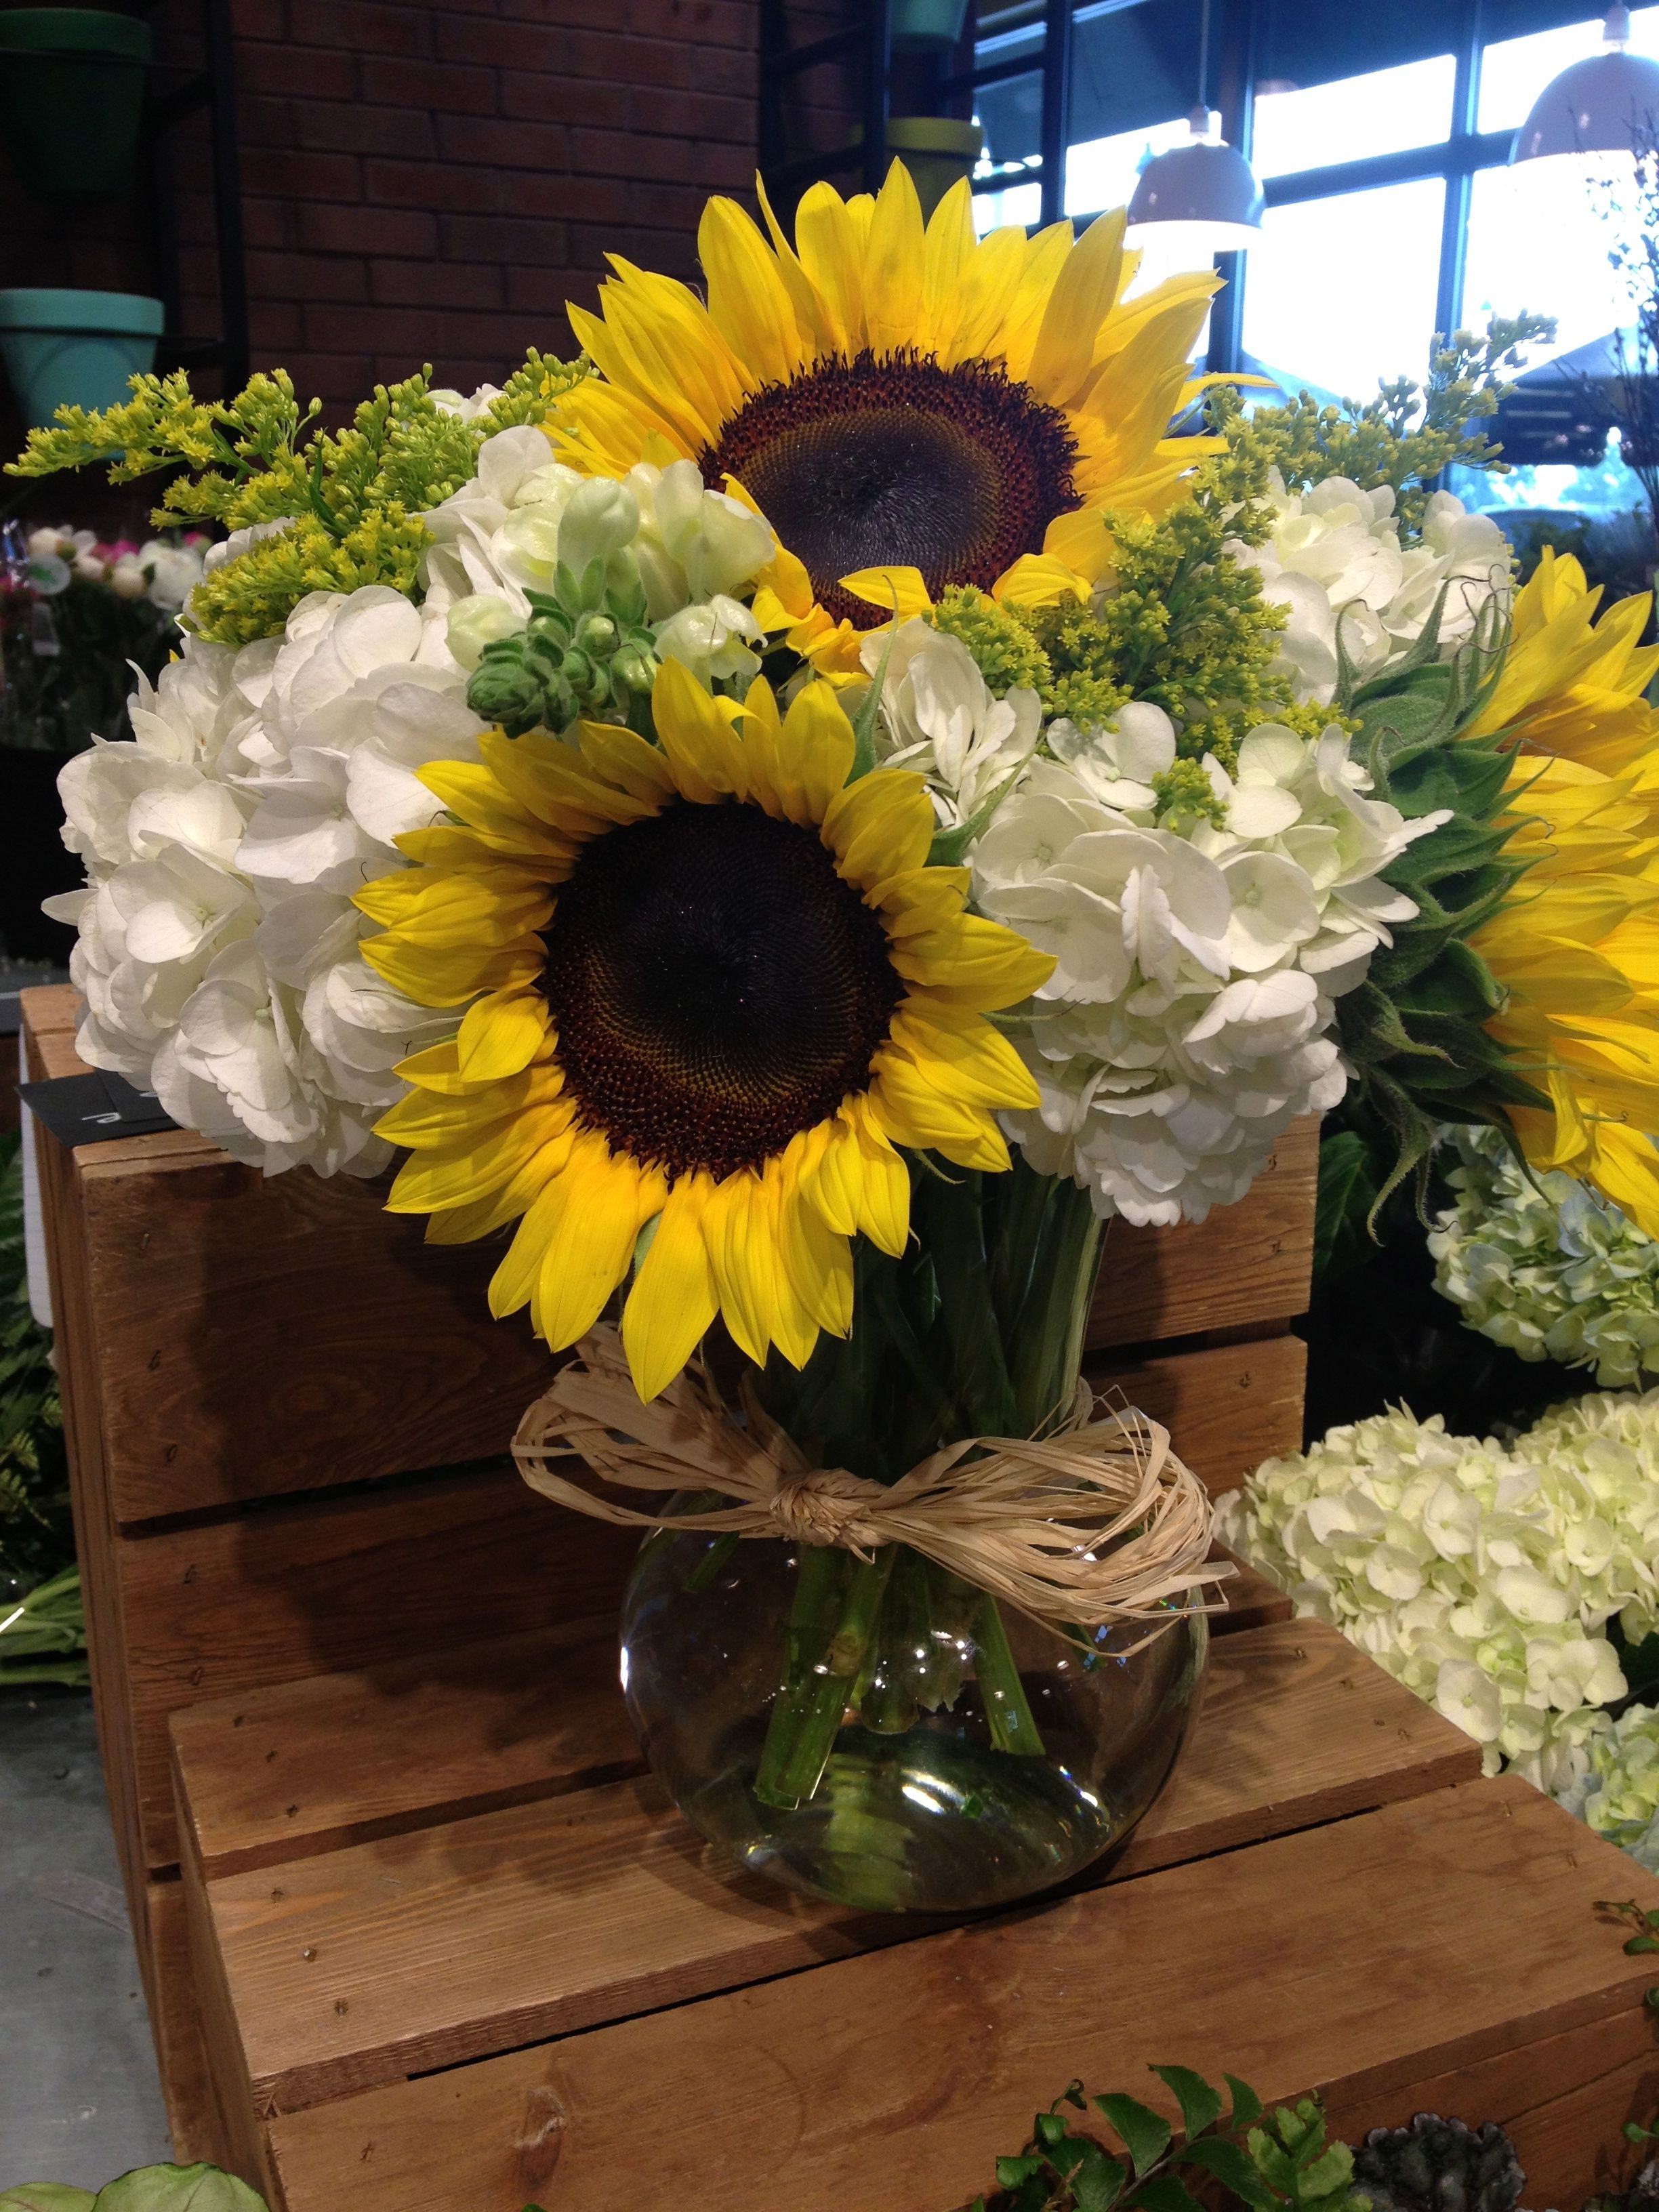 Online Florist Lovely Sunflower and Hydrangea Flower Arrangement Beautiful